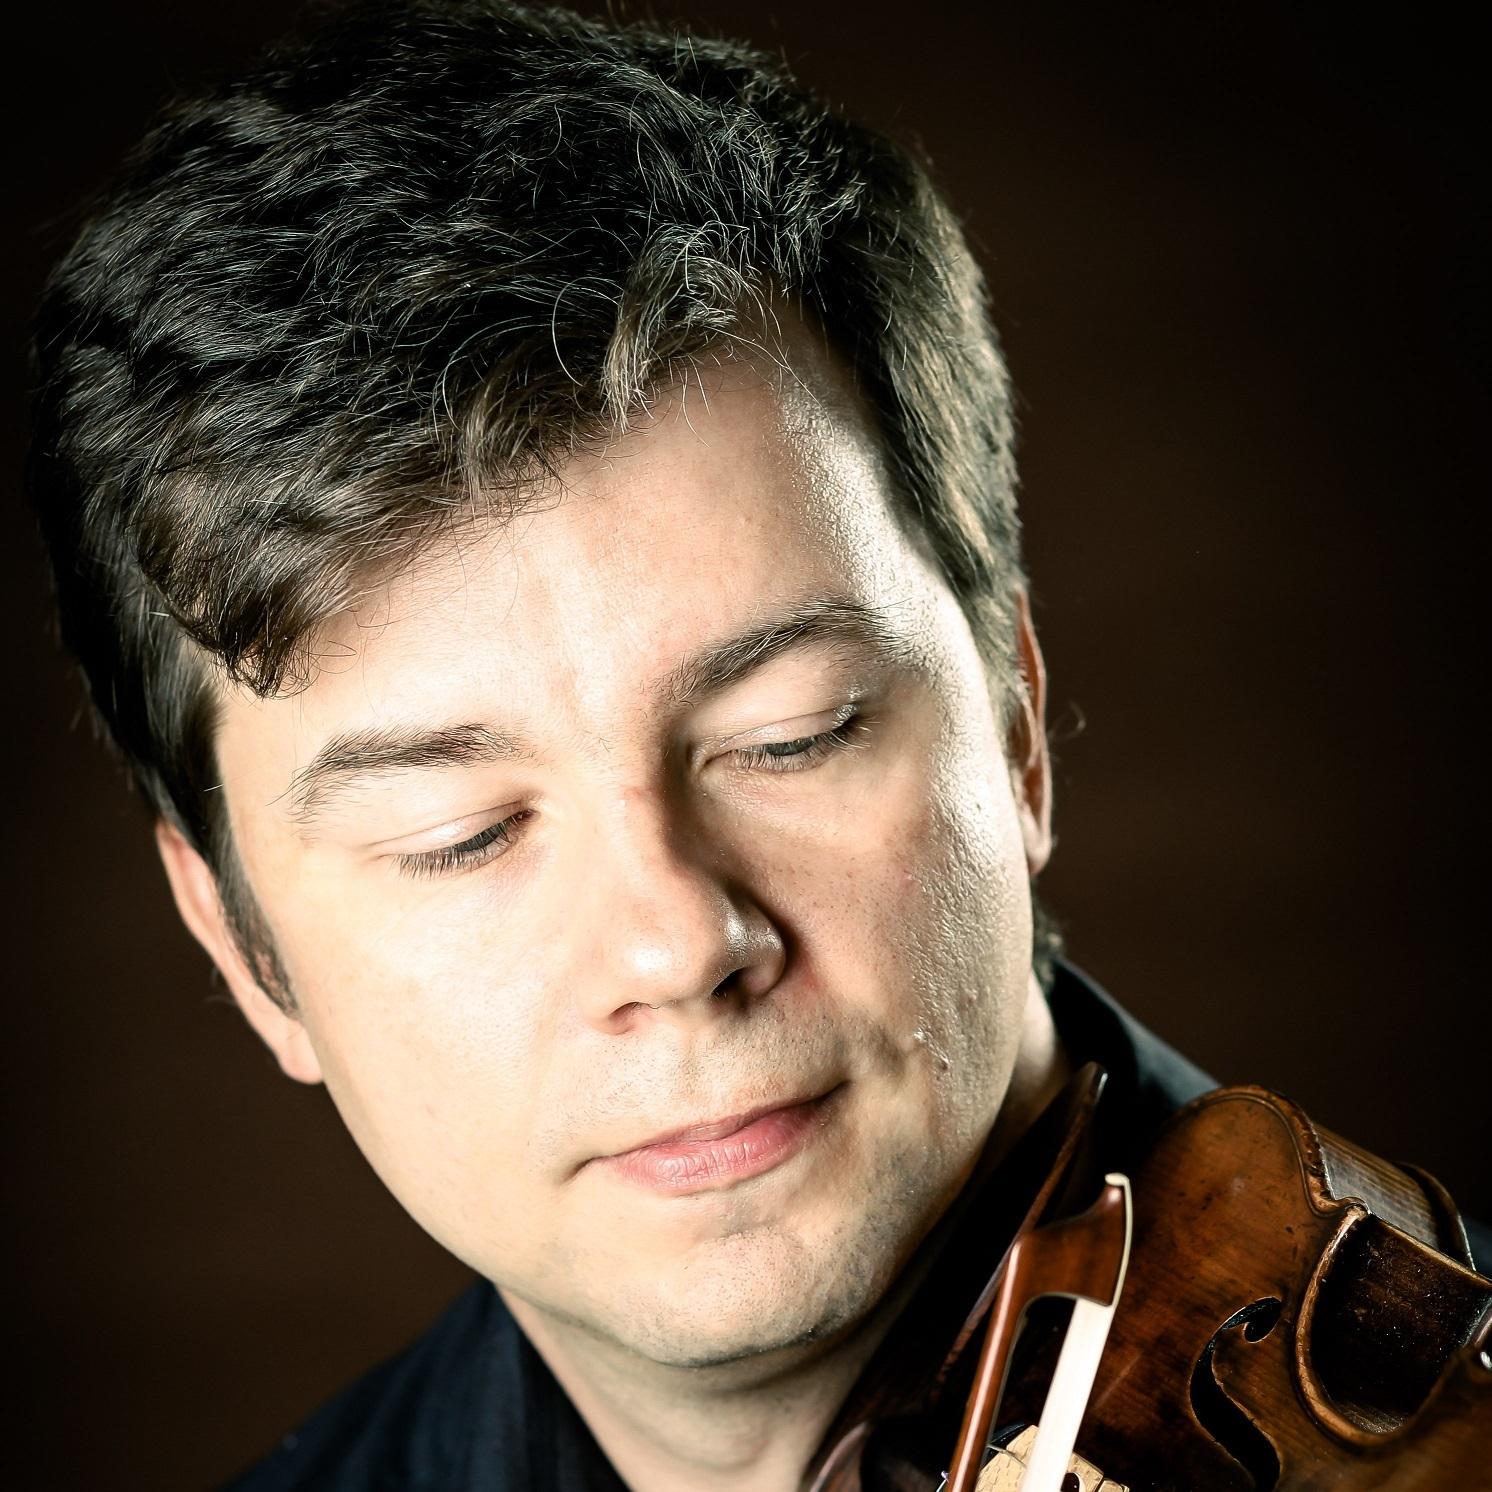 Alexander Prushinskiy